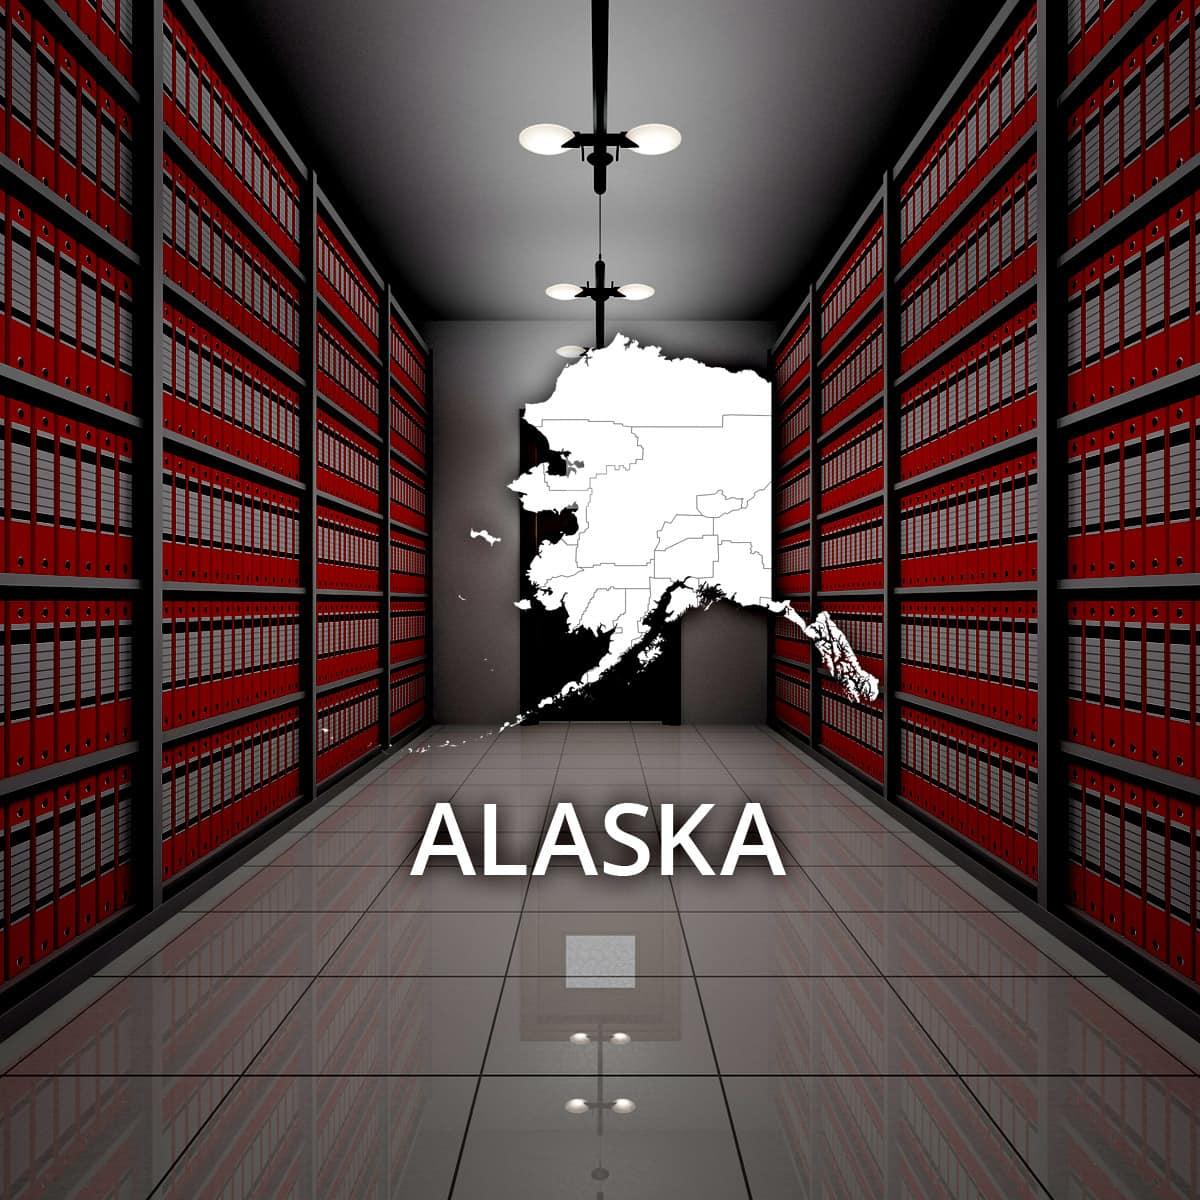 Alaska Public Records